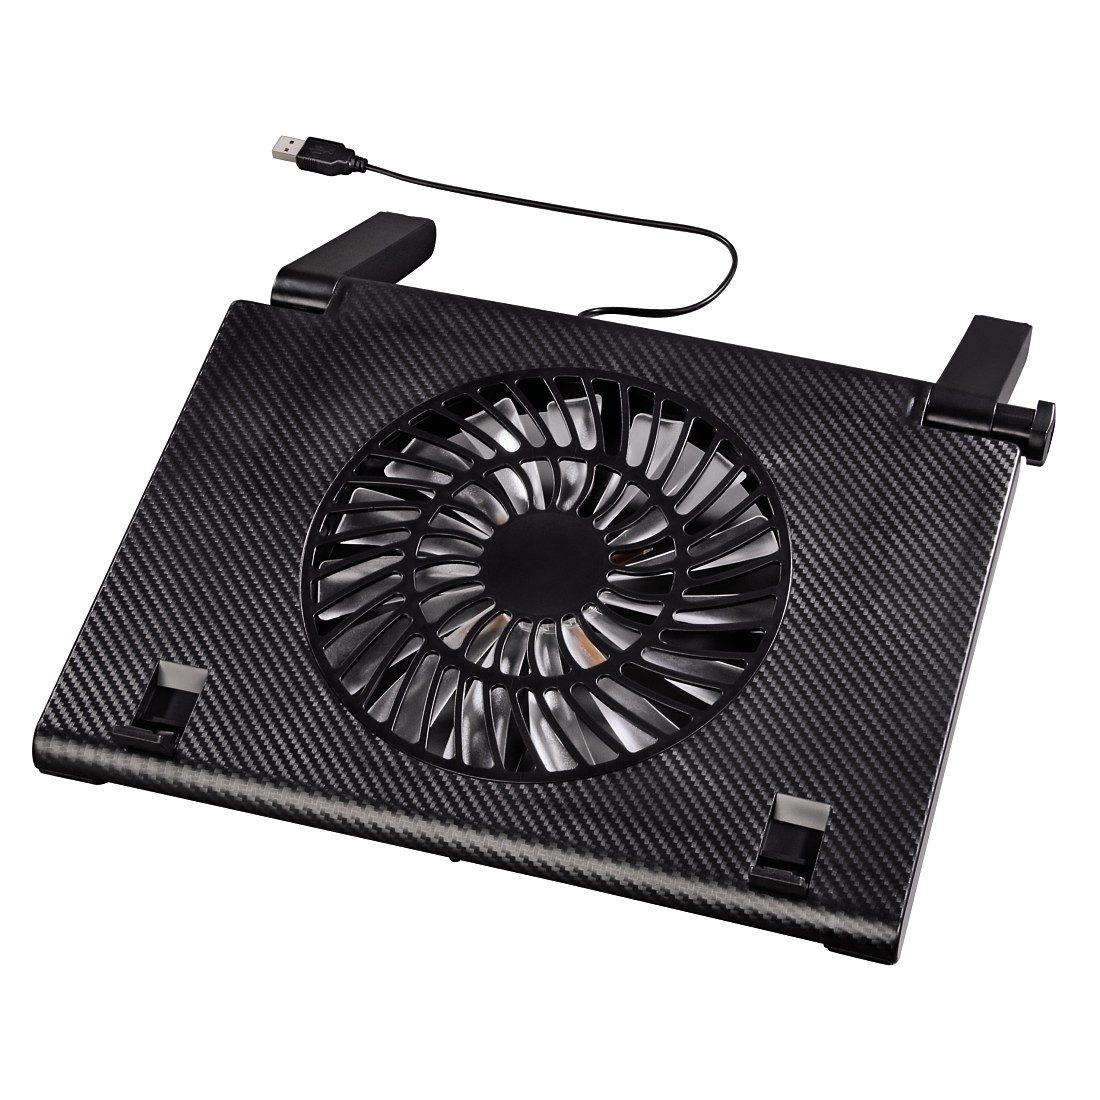 Hama Notebookkühler geeignet für Notebooks von 13,3 Zoll bis »15,6 Zoll, extra flach«